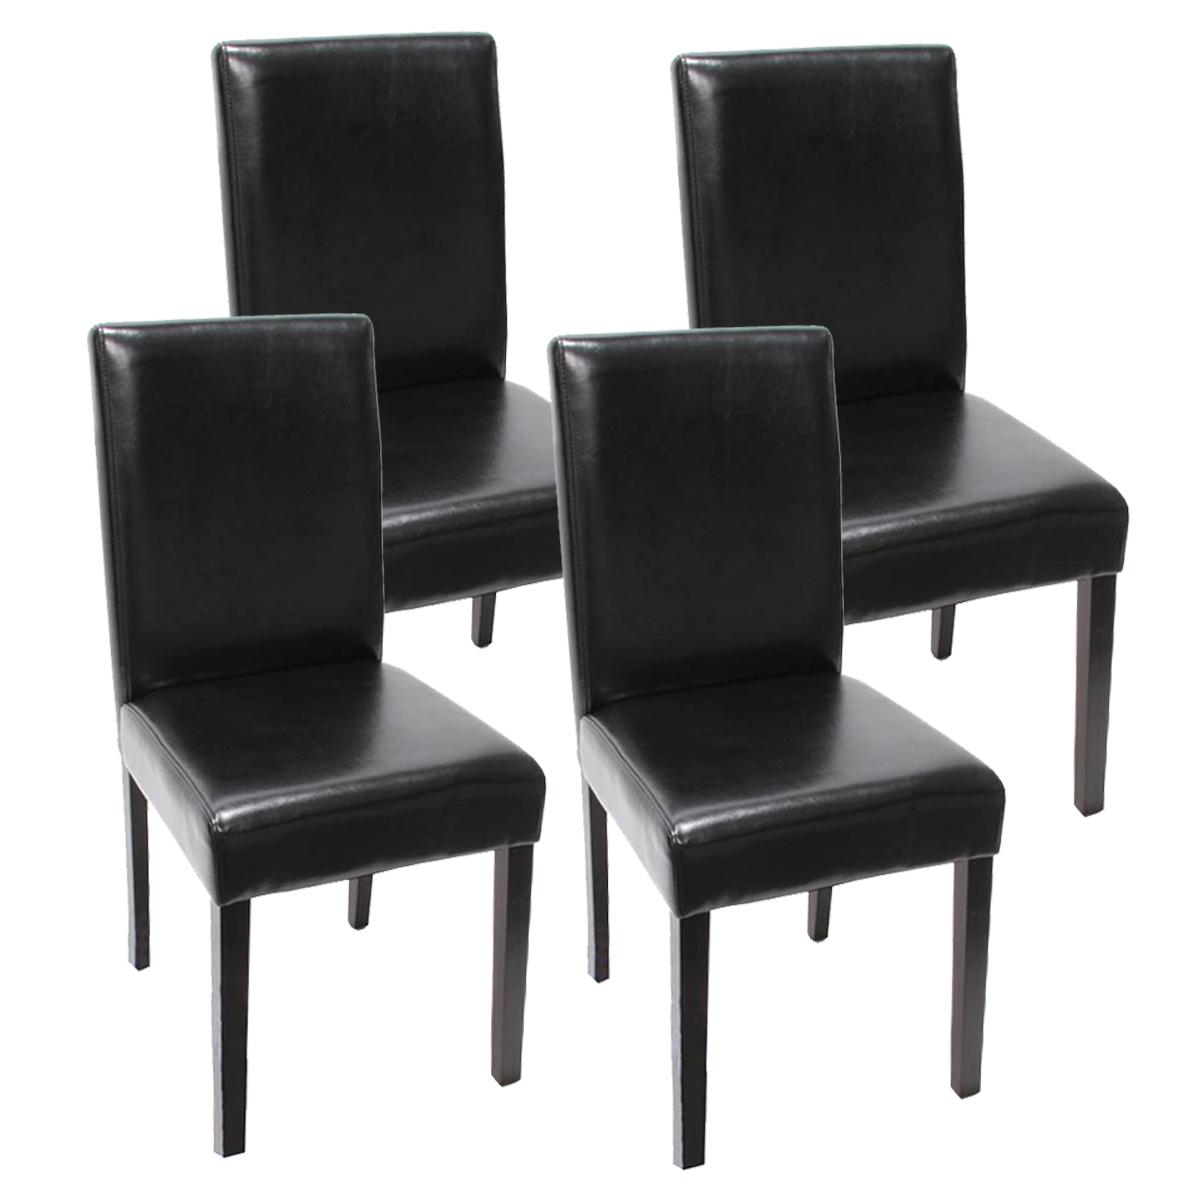 Gewaltig Esstisch Stühle Schwarz Ideen Von 4x Esszimmerstuhl Littau ~ Kunstleder Dunkle Beine